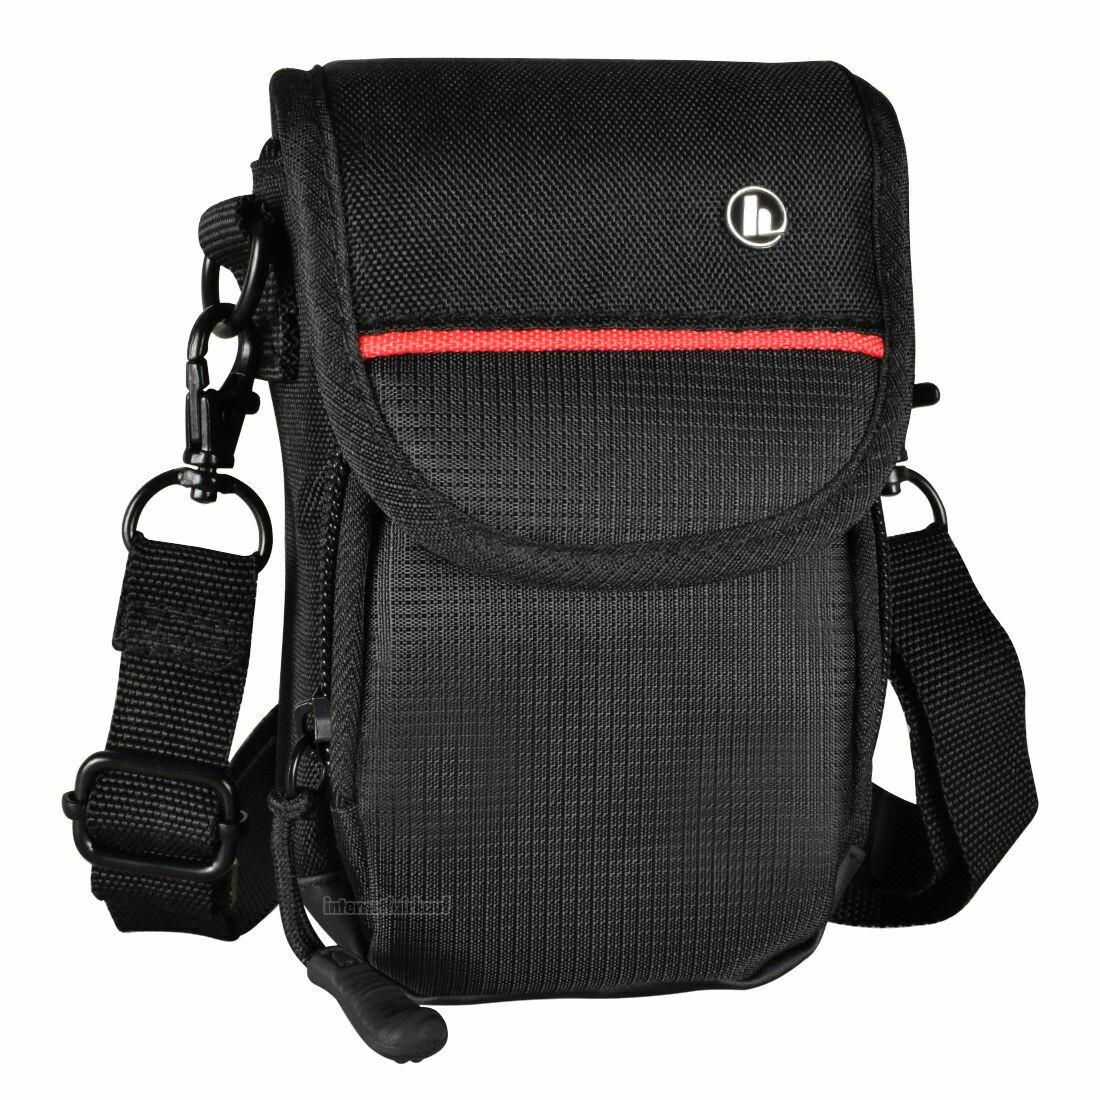 Hama Fototasche passend für Fujifilm X70 - Kameratasche